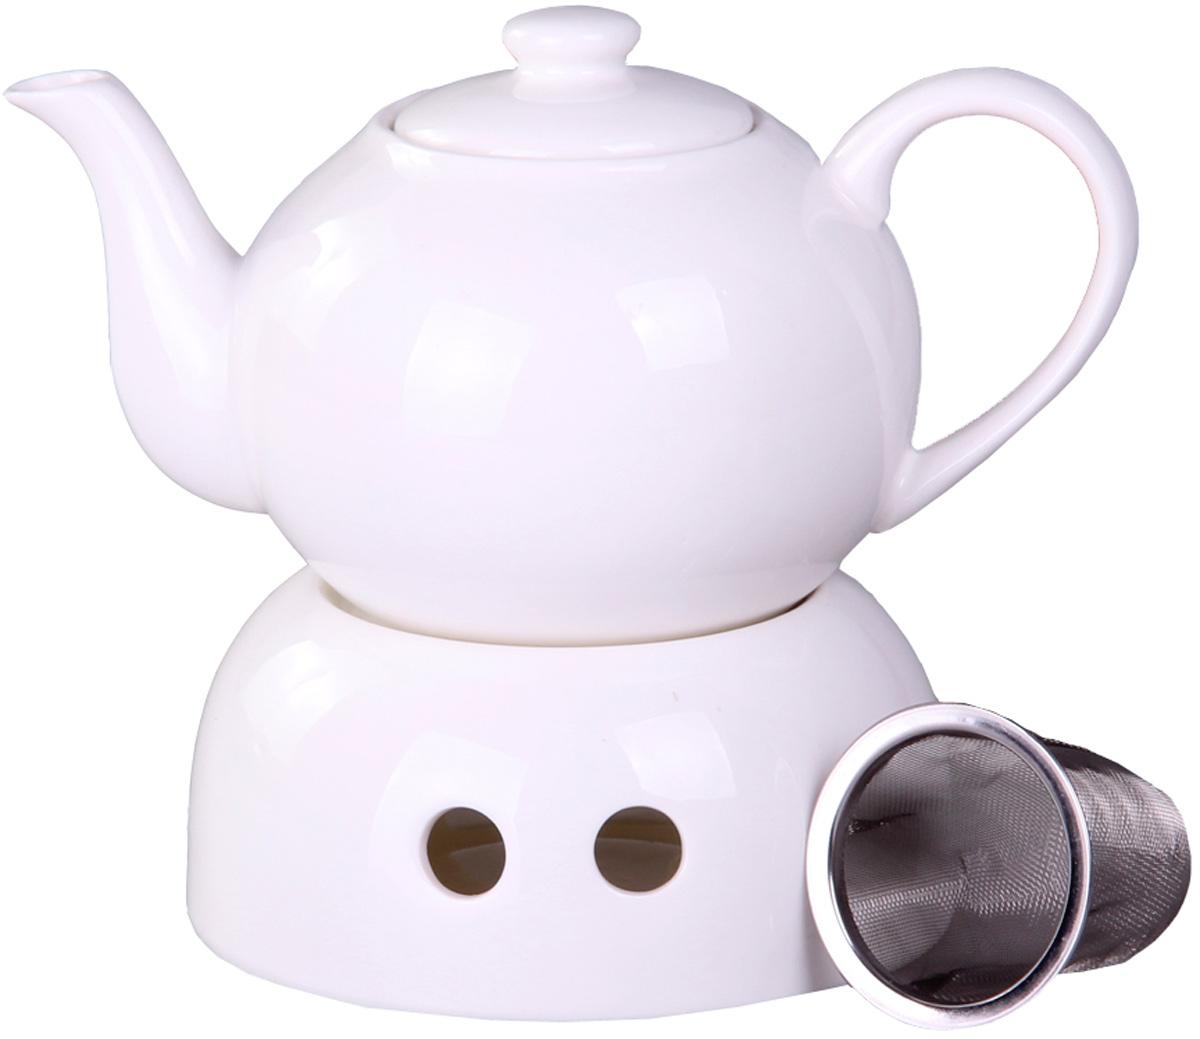 Чайник заварочный Patricia, с подогревом, с фильтром, 700 млIM04-0901Чайник Patricia выполнен из керамики. Изделие располагается на керамической подставке, внутри которой устанавливается чайная свеча, поддерживающая температуру воды. Чайник оснащен съемным металлическим фильтром. Цейлонский черный, зеленый с жасмином, травяной или ягодный - любой чай в таком чайнике станет для вас наслаждением, поводом отдохнуть и перевести дыхание. Настоящие ценители этого напитка пьют только заварной чай, именно поэтому такой чайник - незаменимый предмет на кухне у гостеприимной хозяйки. Объем чайника: 700 мл.